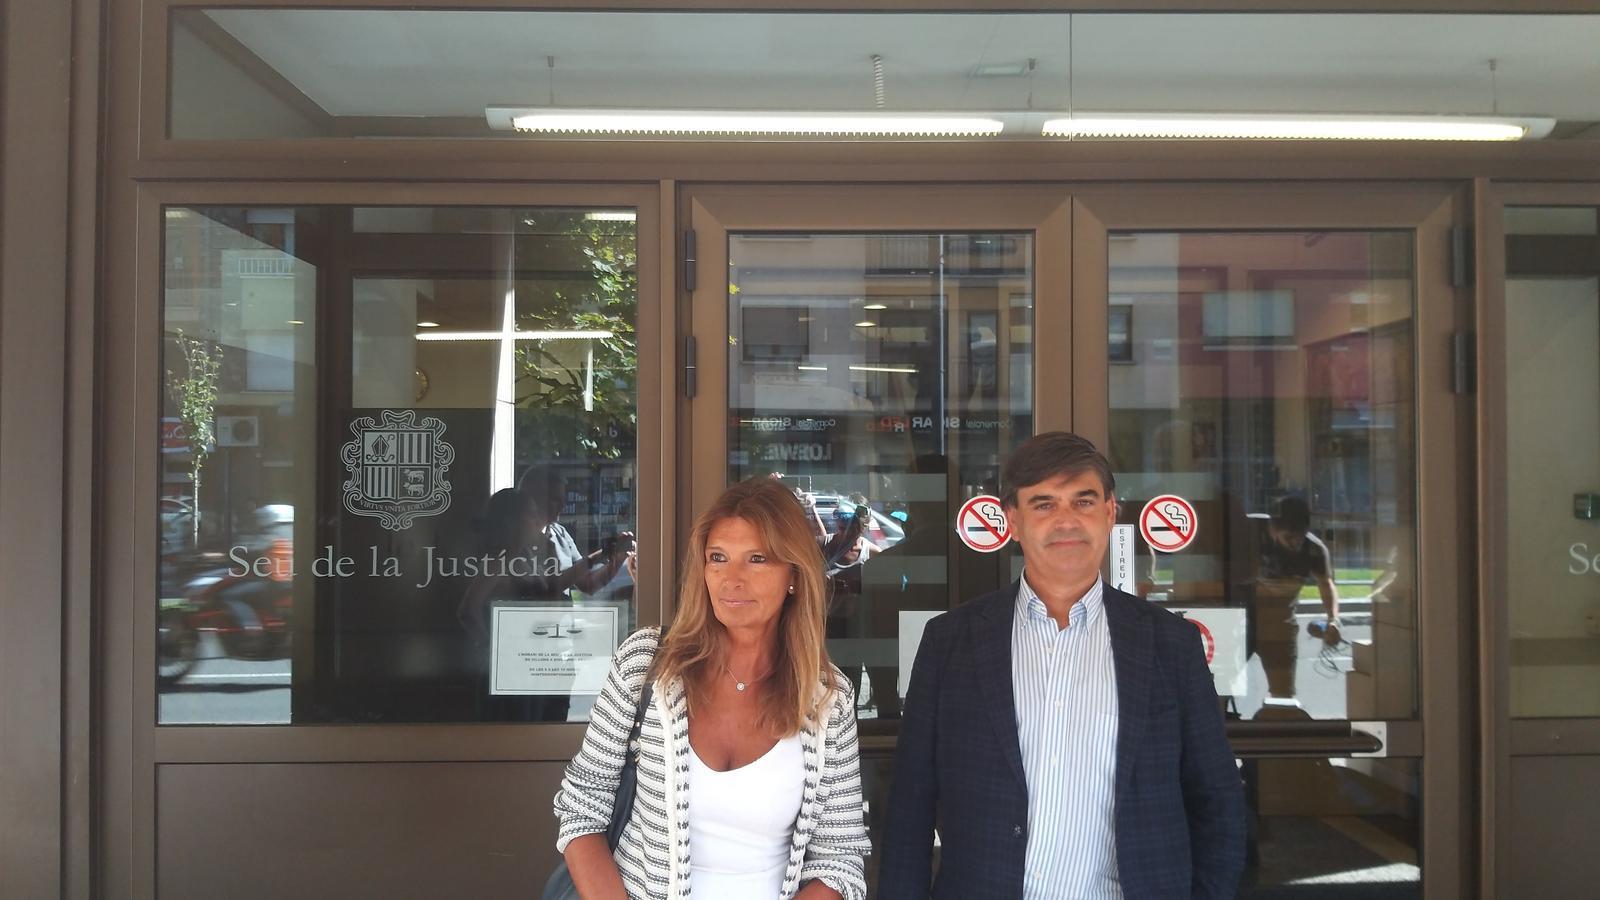 La presidenta de l'IDHA, Elisa Muxella i el membre de Drets, Agustí Carles. / M. F.